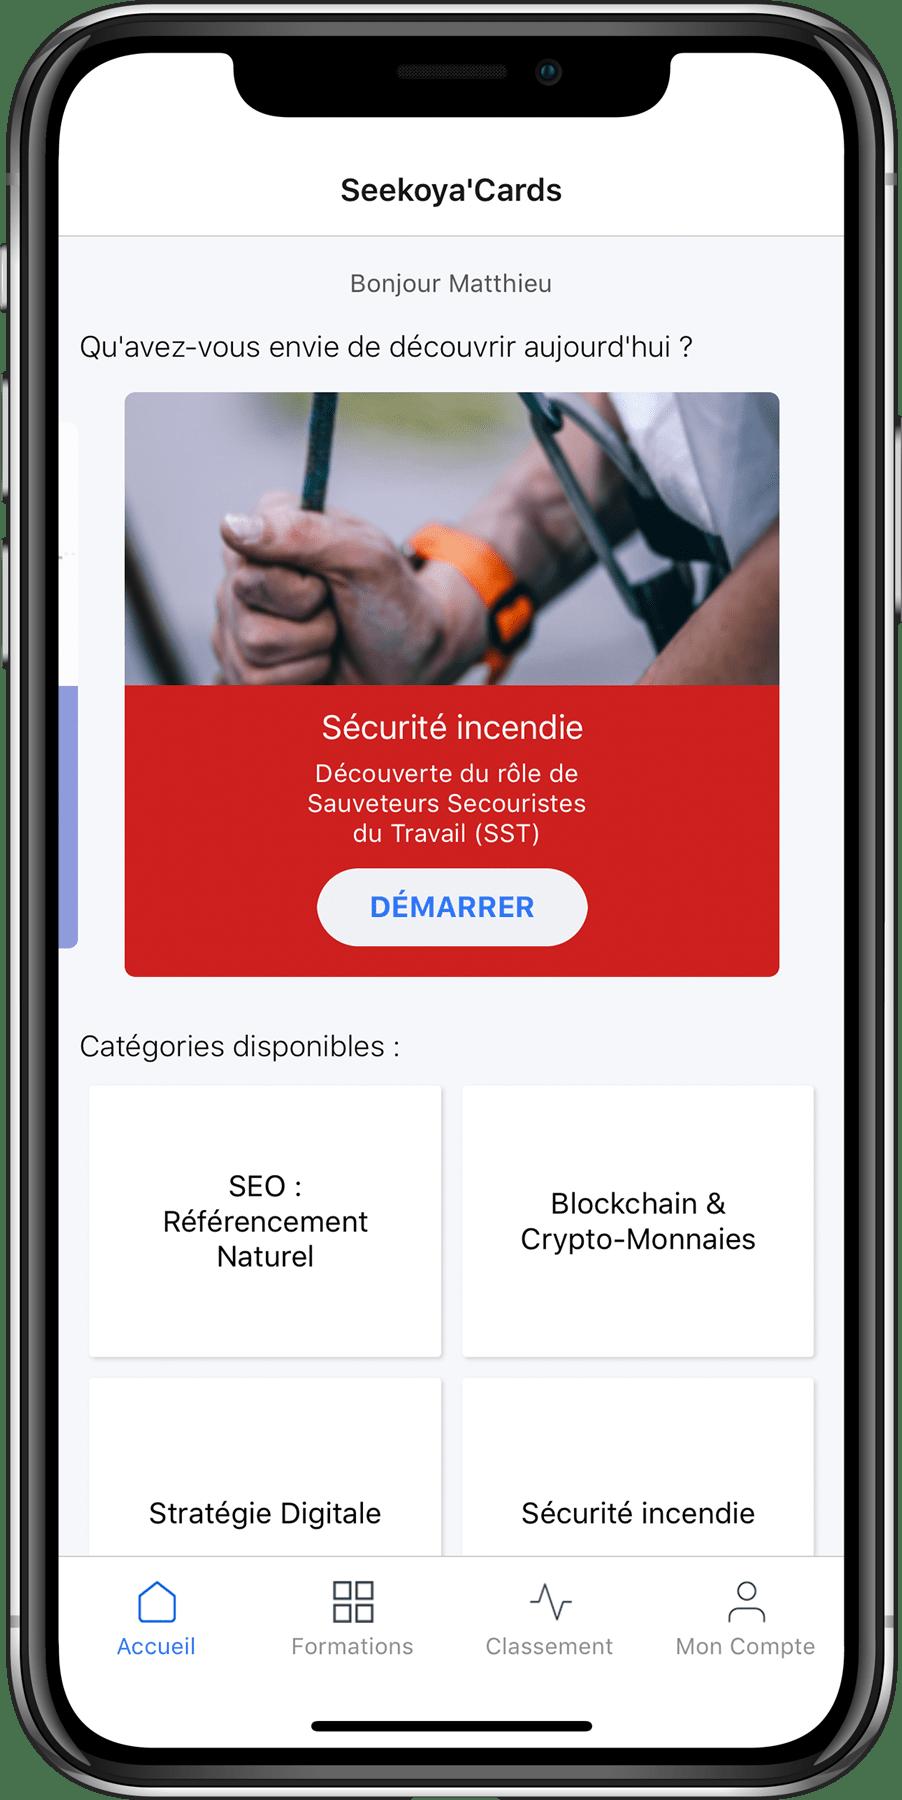 Ecran d'accueil de l'application mobile, avec vos modules de formations et les catégories créées.